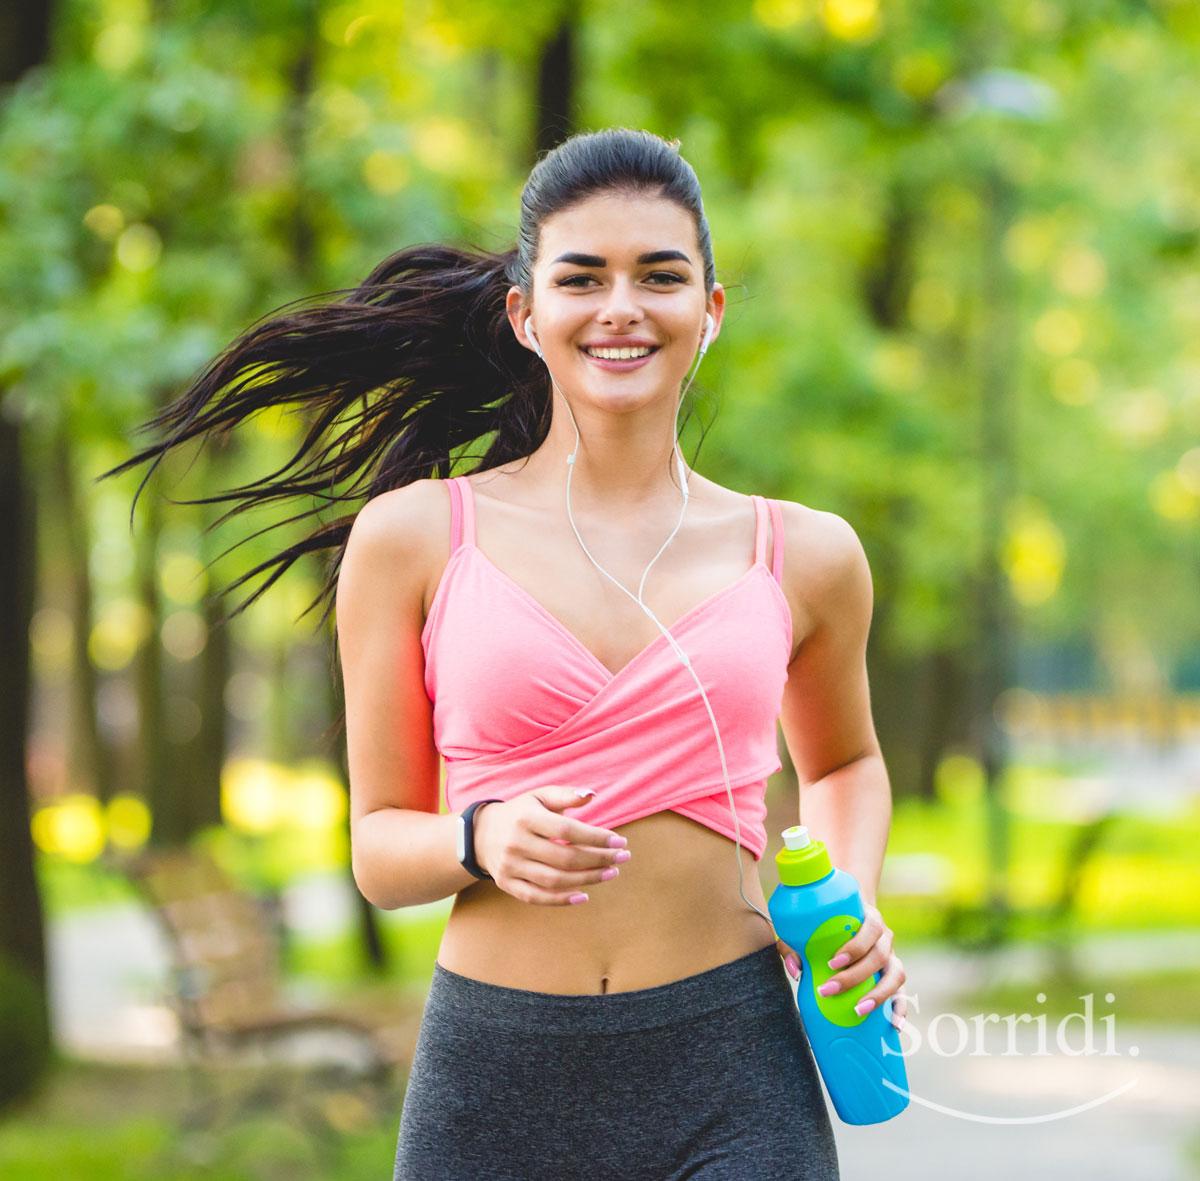 Sorridi-ch-magazine-salute-orale-e-attivita-fisica